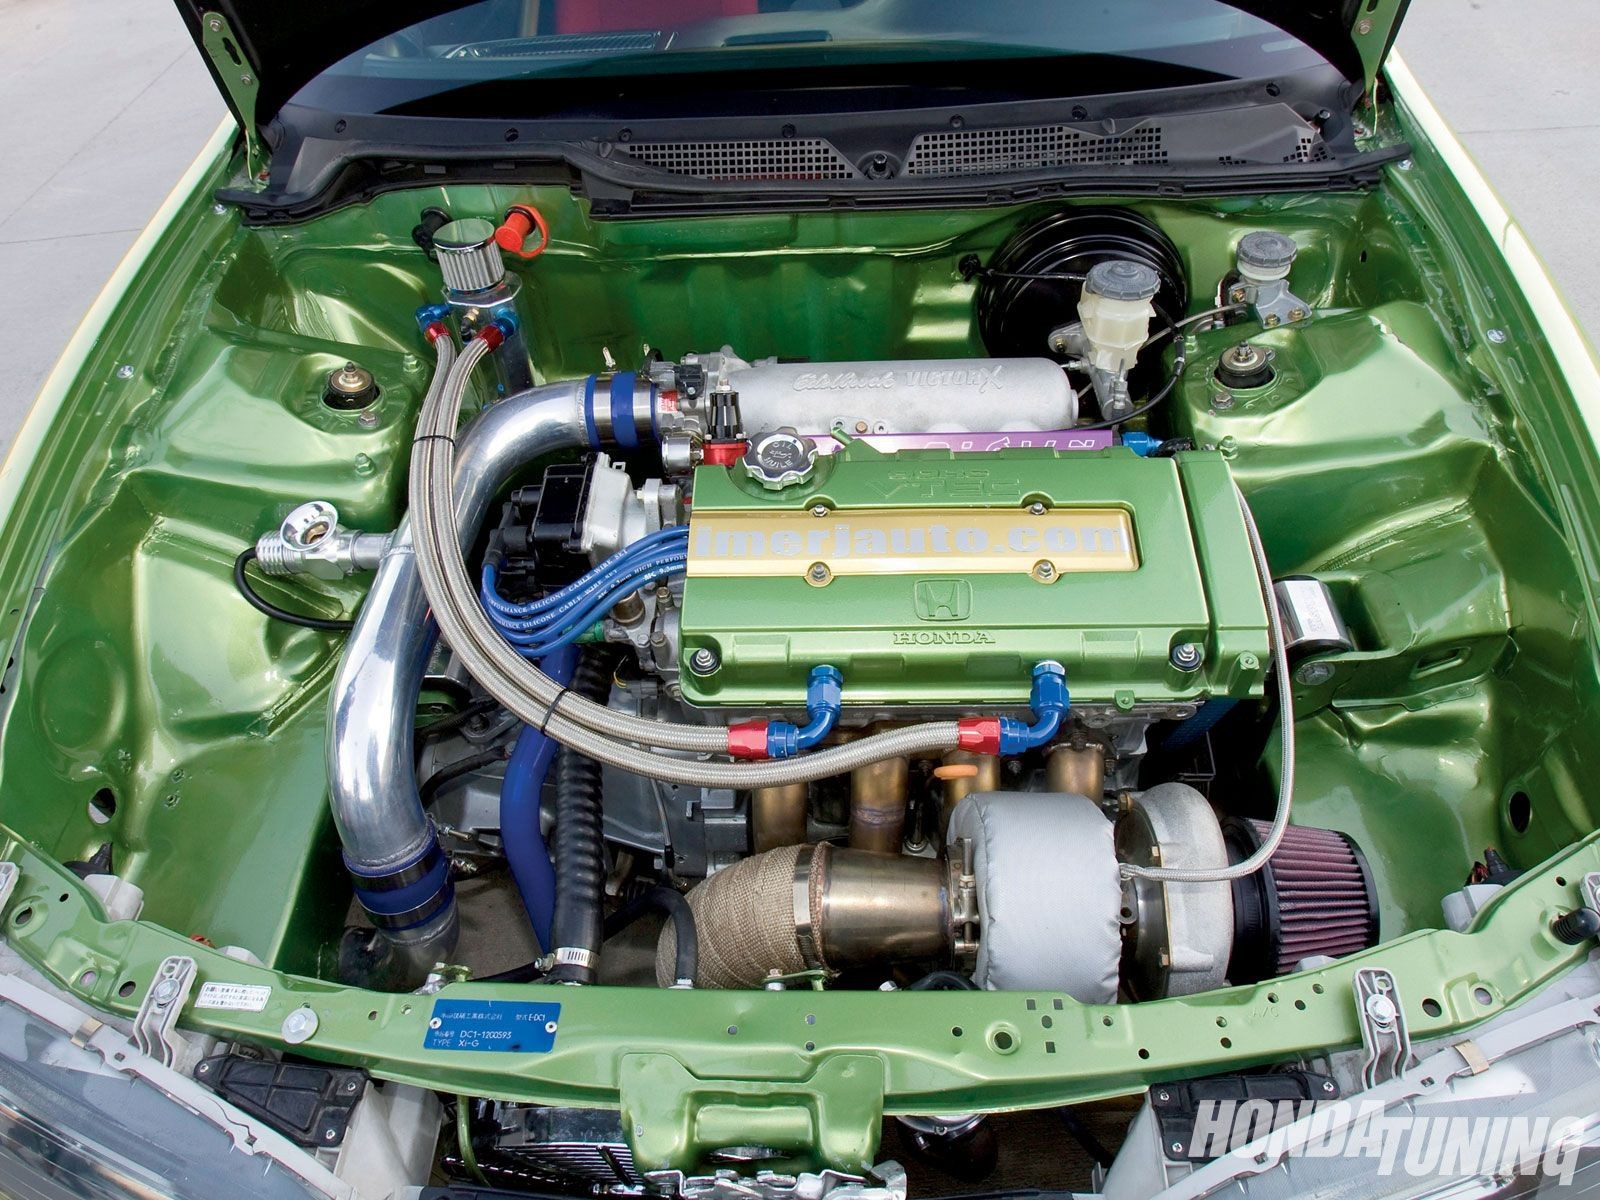 Acura Integra Ls Engine Diagram House Wiring Diagram Symbols - Acura integra gsr 95